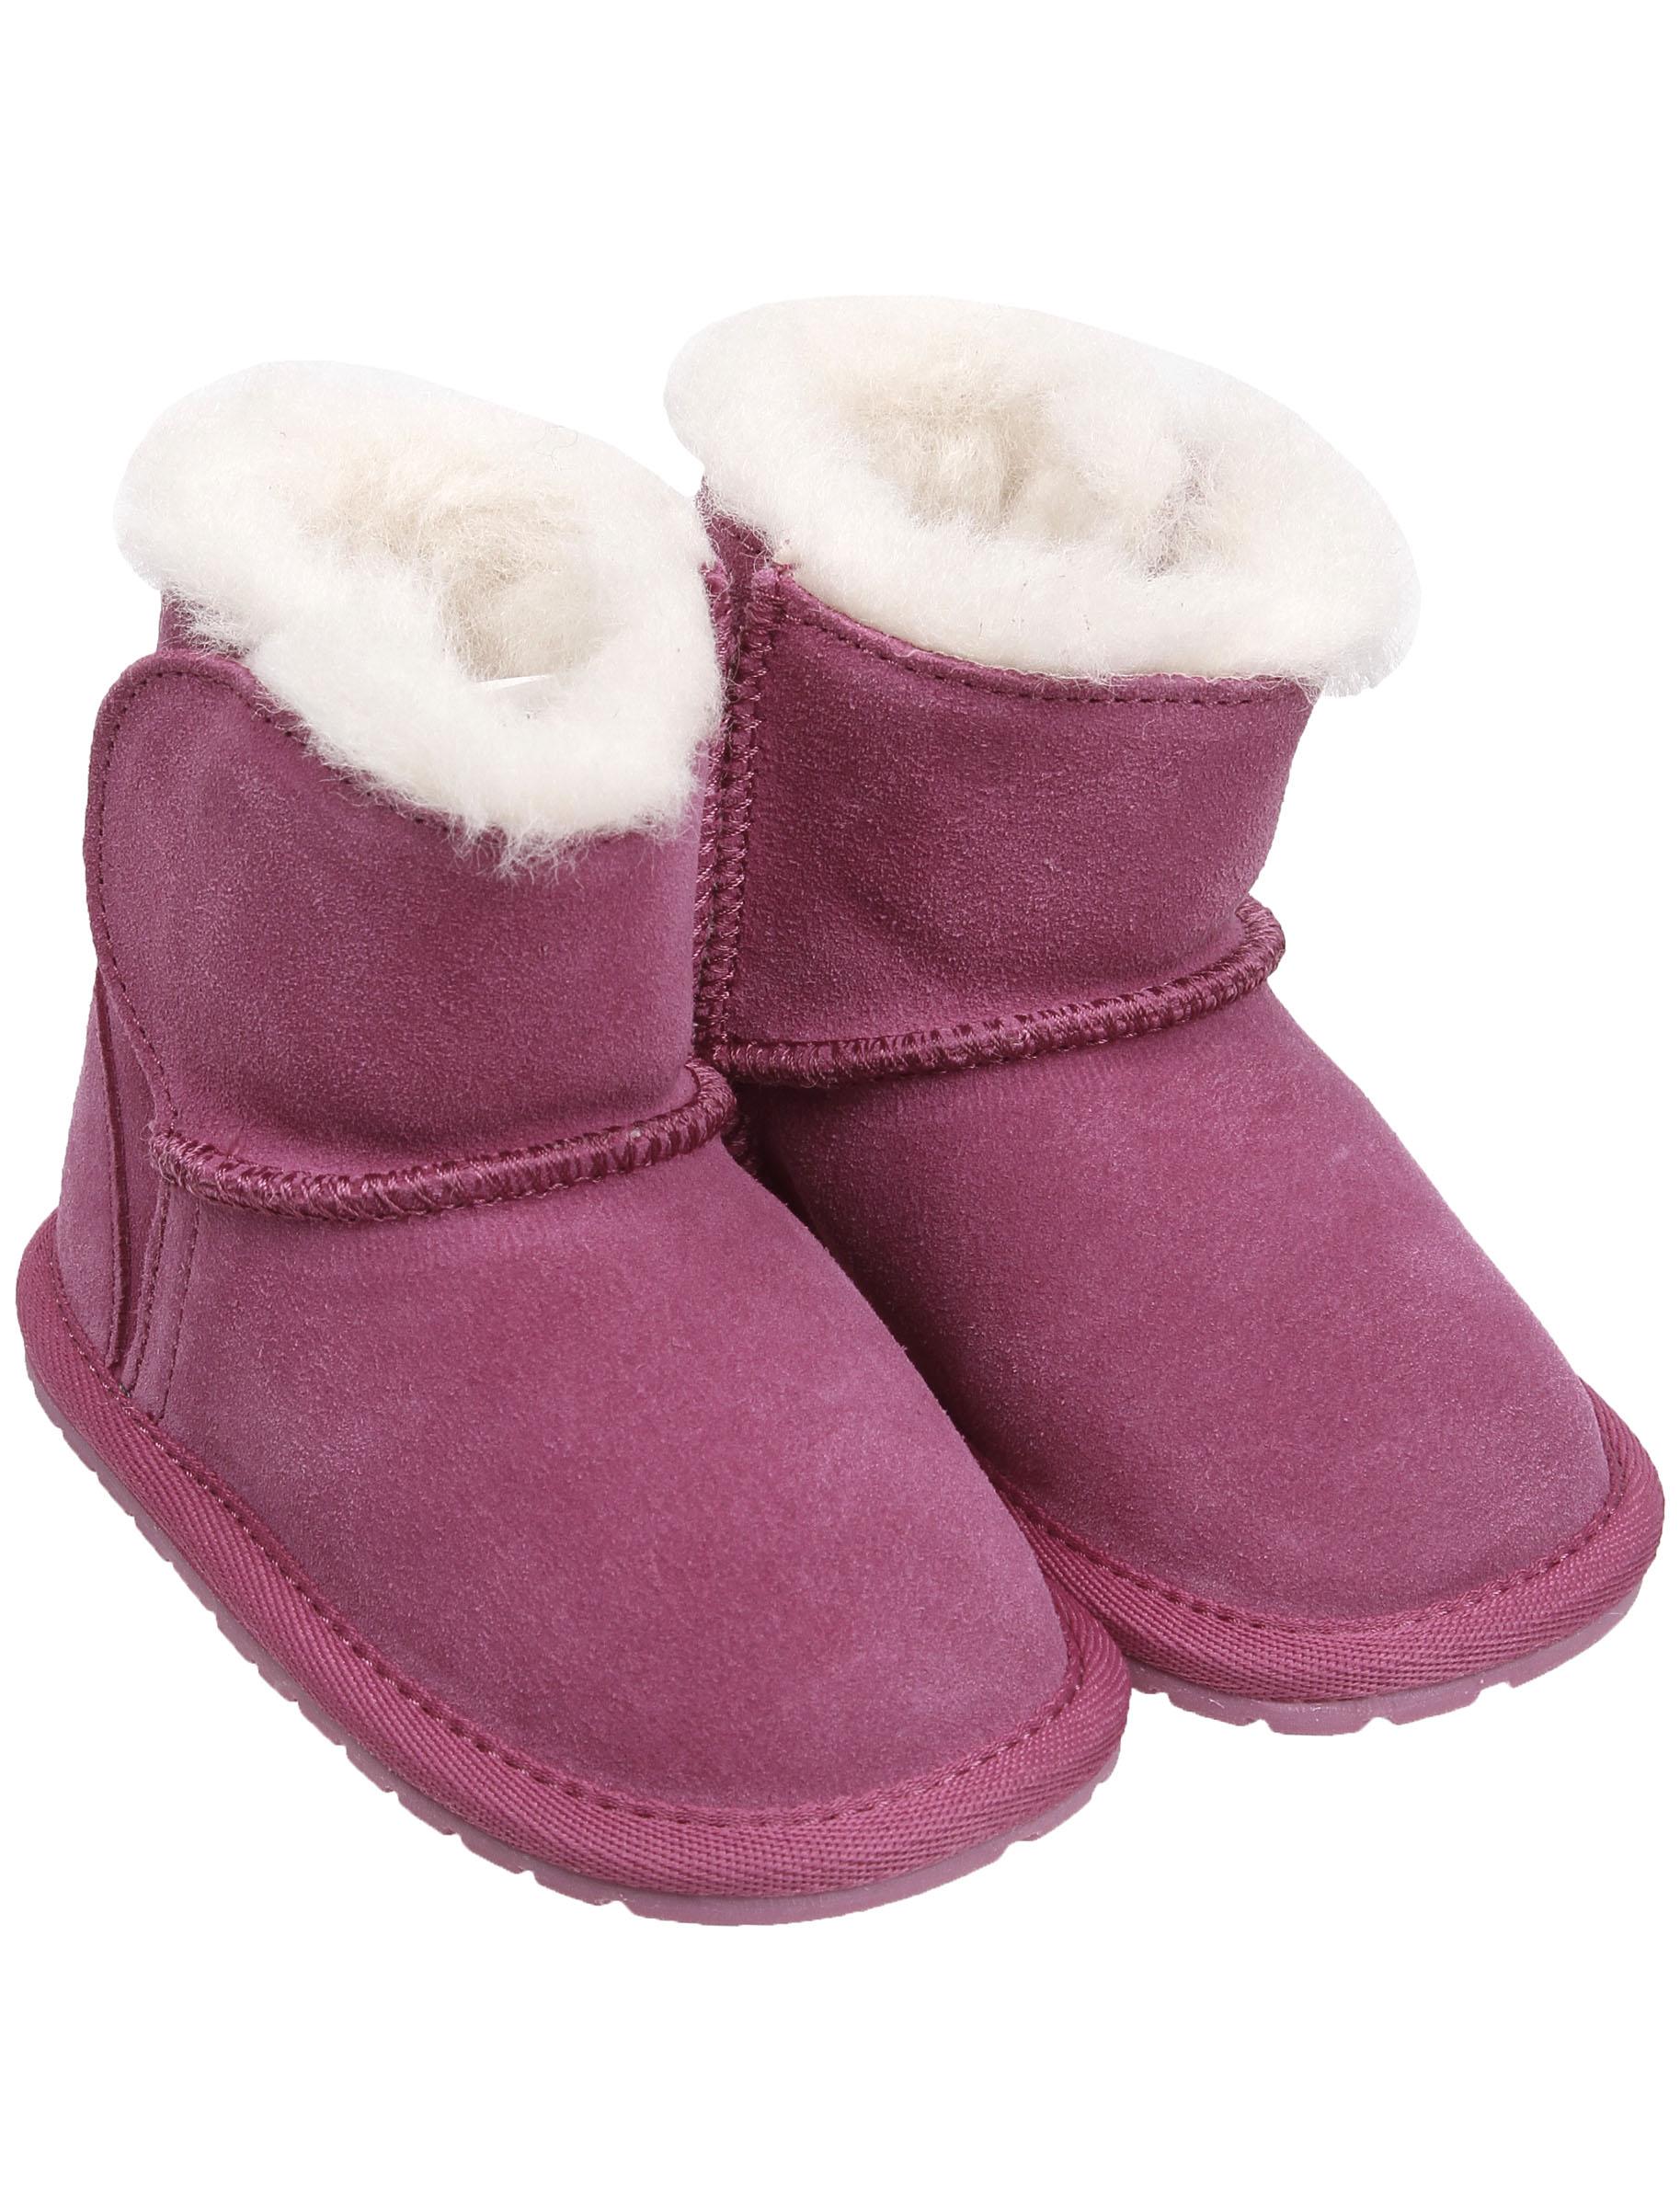 Купить 2255718, Сапоги Emu Australia, розовый, Женский, 2024509081825